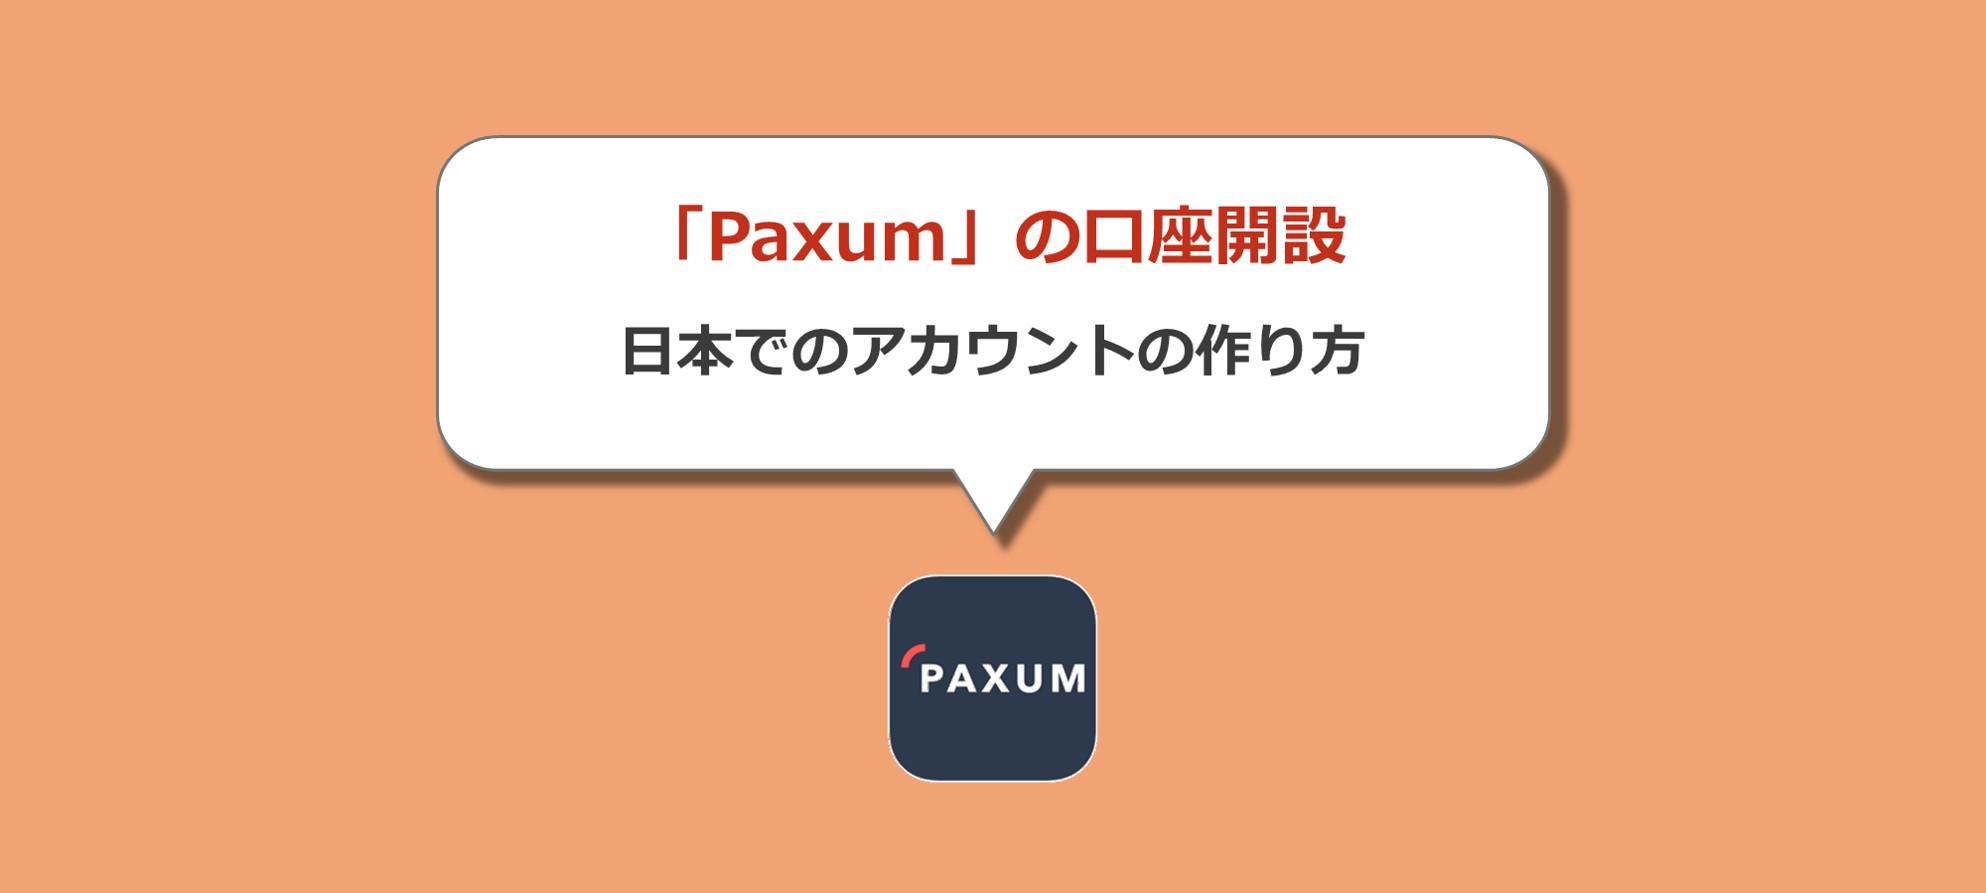 Paxumの日本での口座開設と使い方!カナダ発のオンライン決済